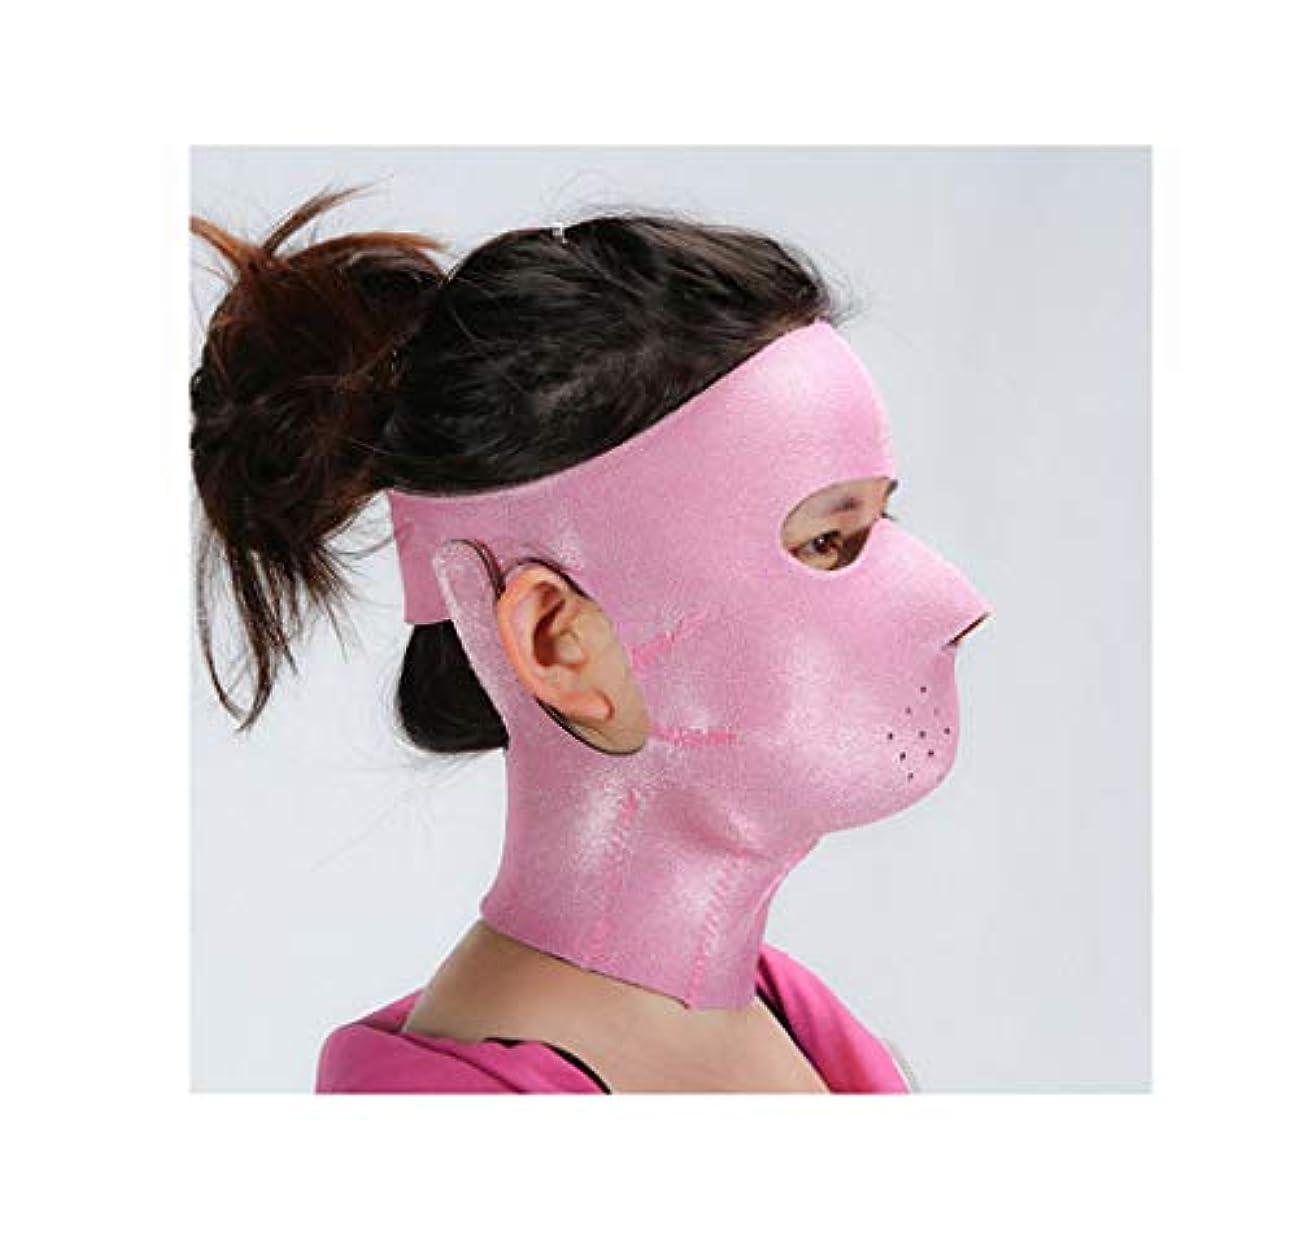 パーセント話をする投げ捨てるGLJJQMY 薄い顔マスクマスクプラス薄いマスク引き締めアンチエイジング薄いマスク顔の薄い顔マスクアーティファクト美容ネックバンド 顔用整形マスク